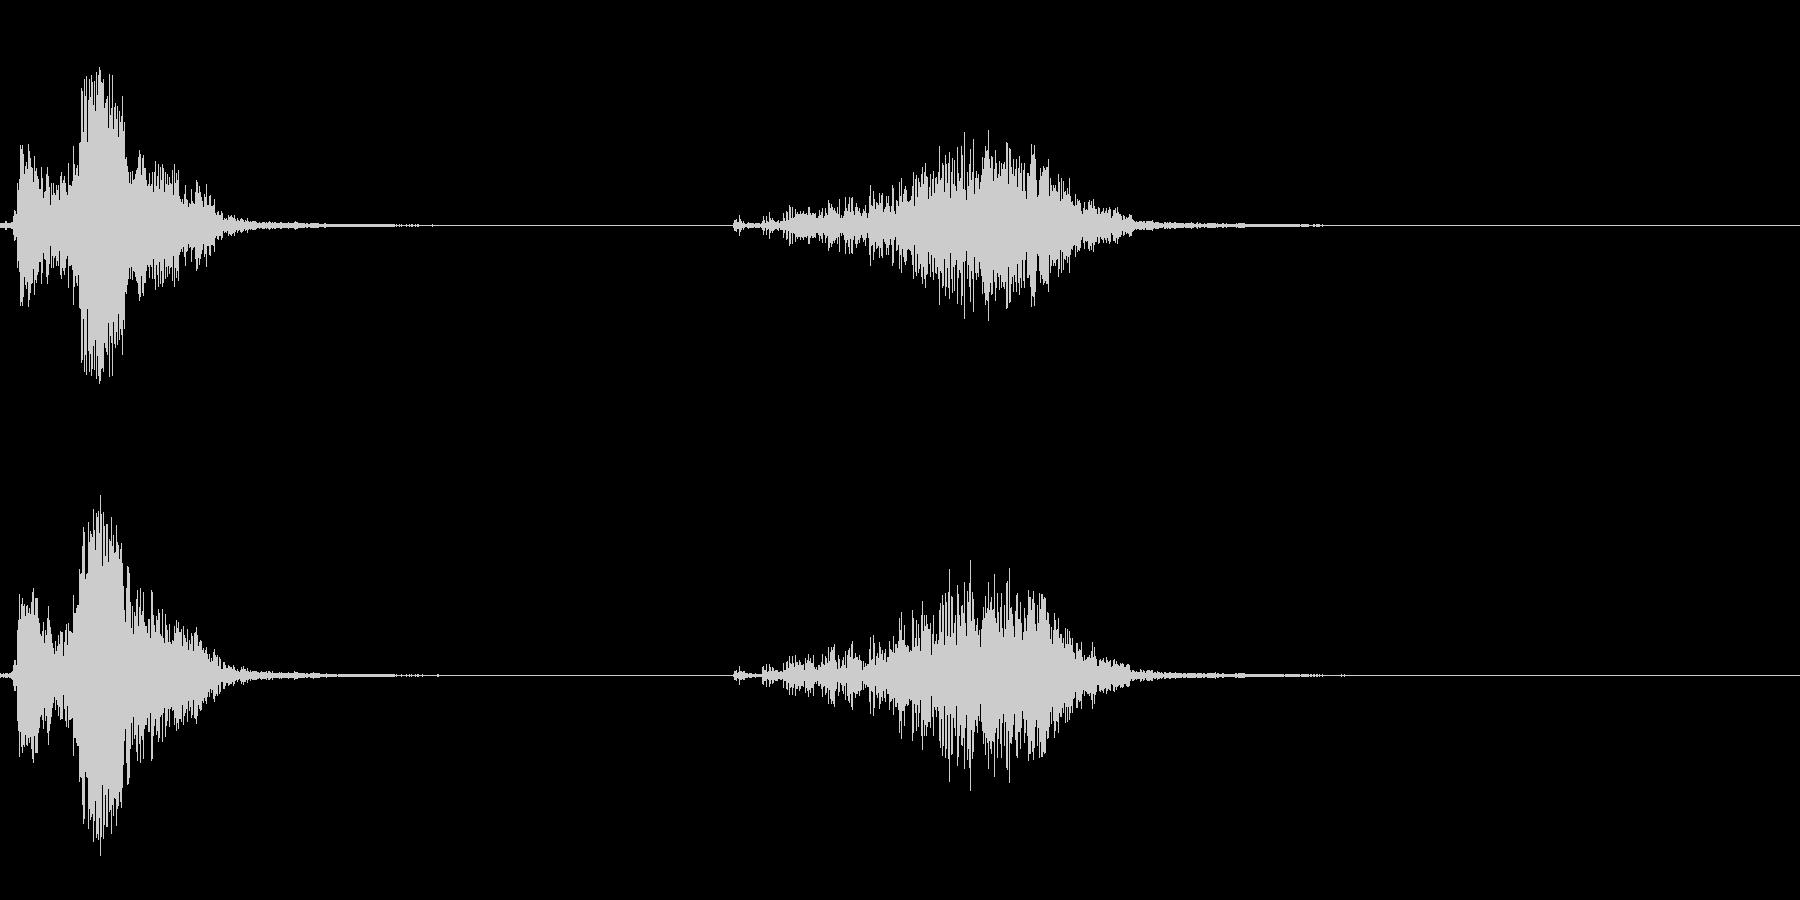 カンムリサケビドリの鳴き声の未再生の波形